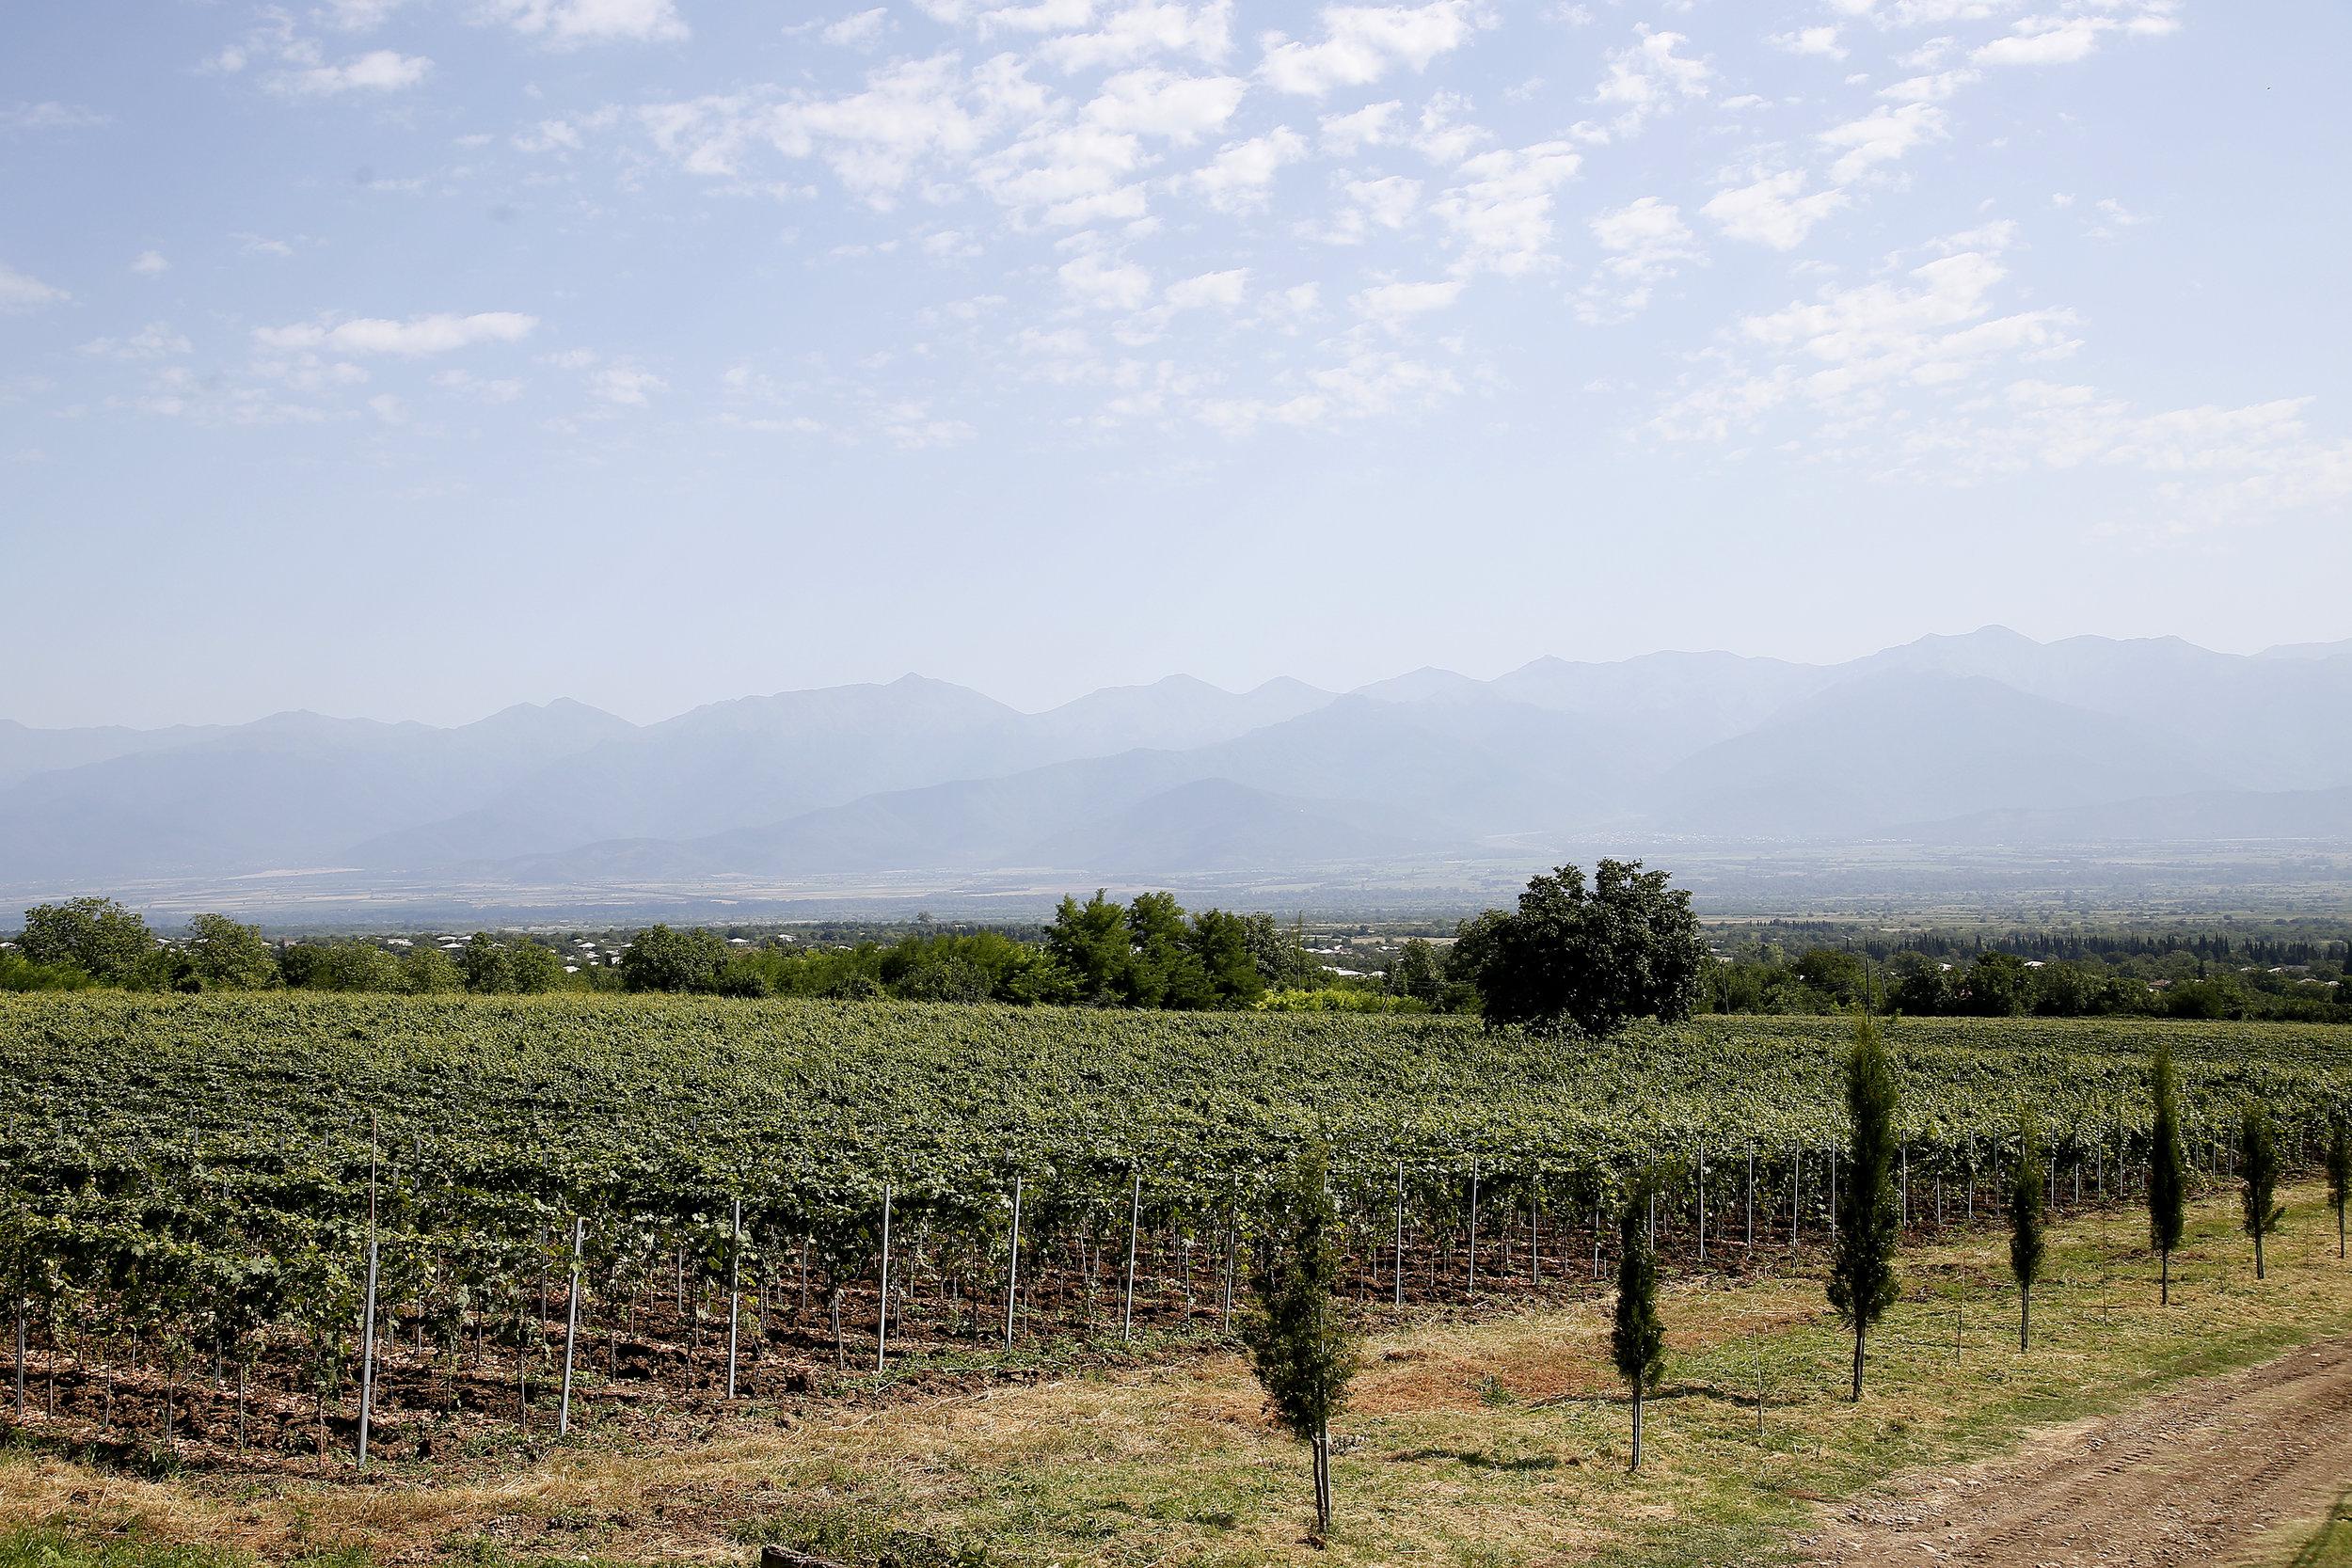 Panorama over the vineyard at Vazisubani in Kakheti, Georgia